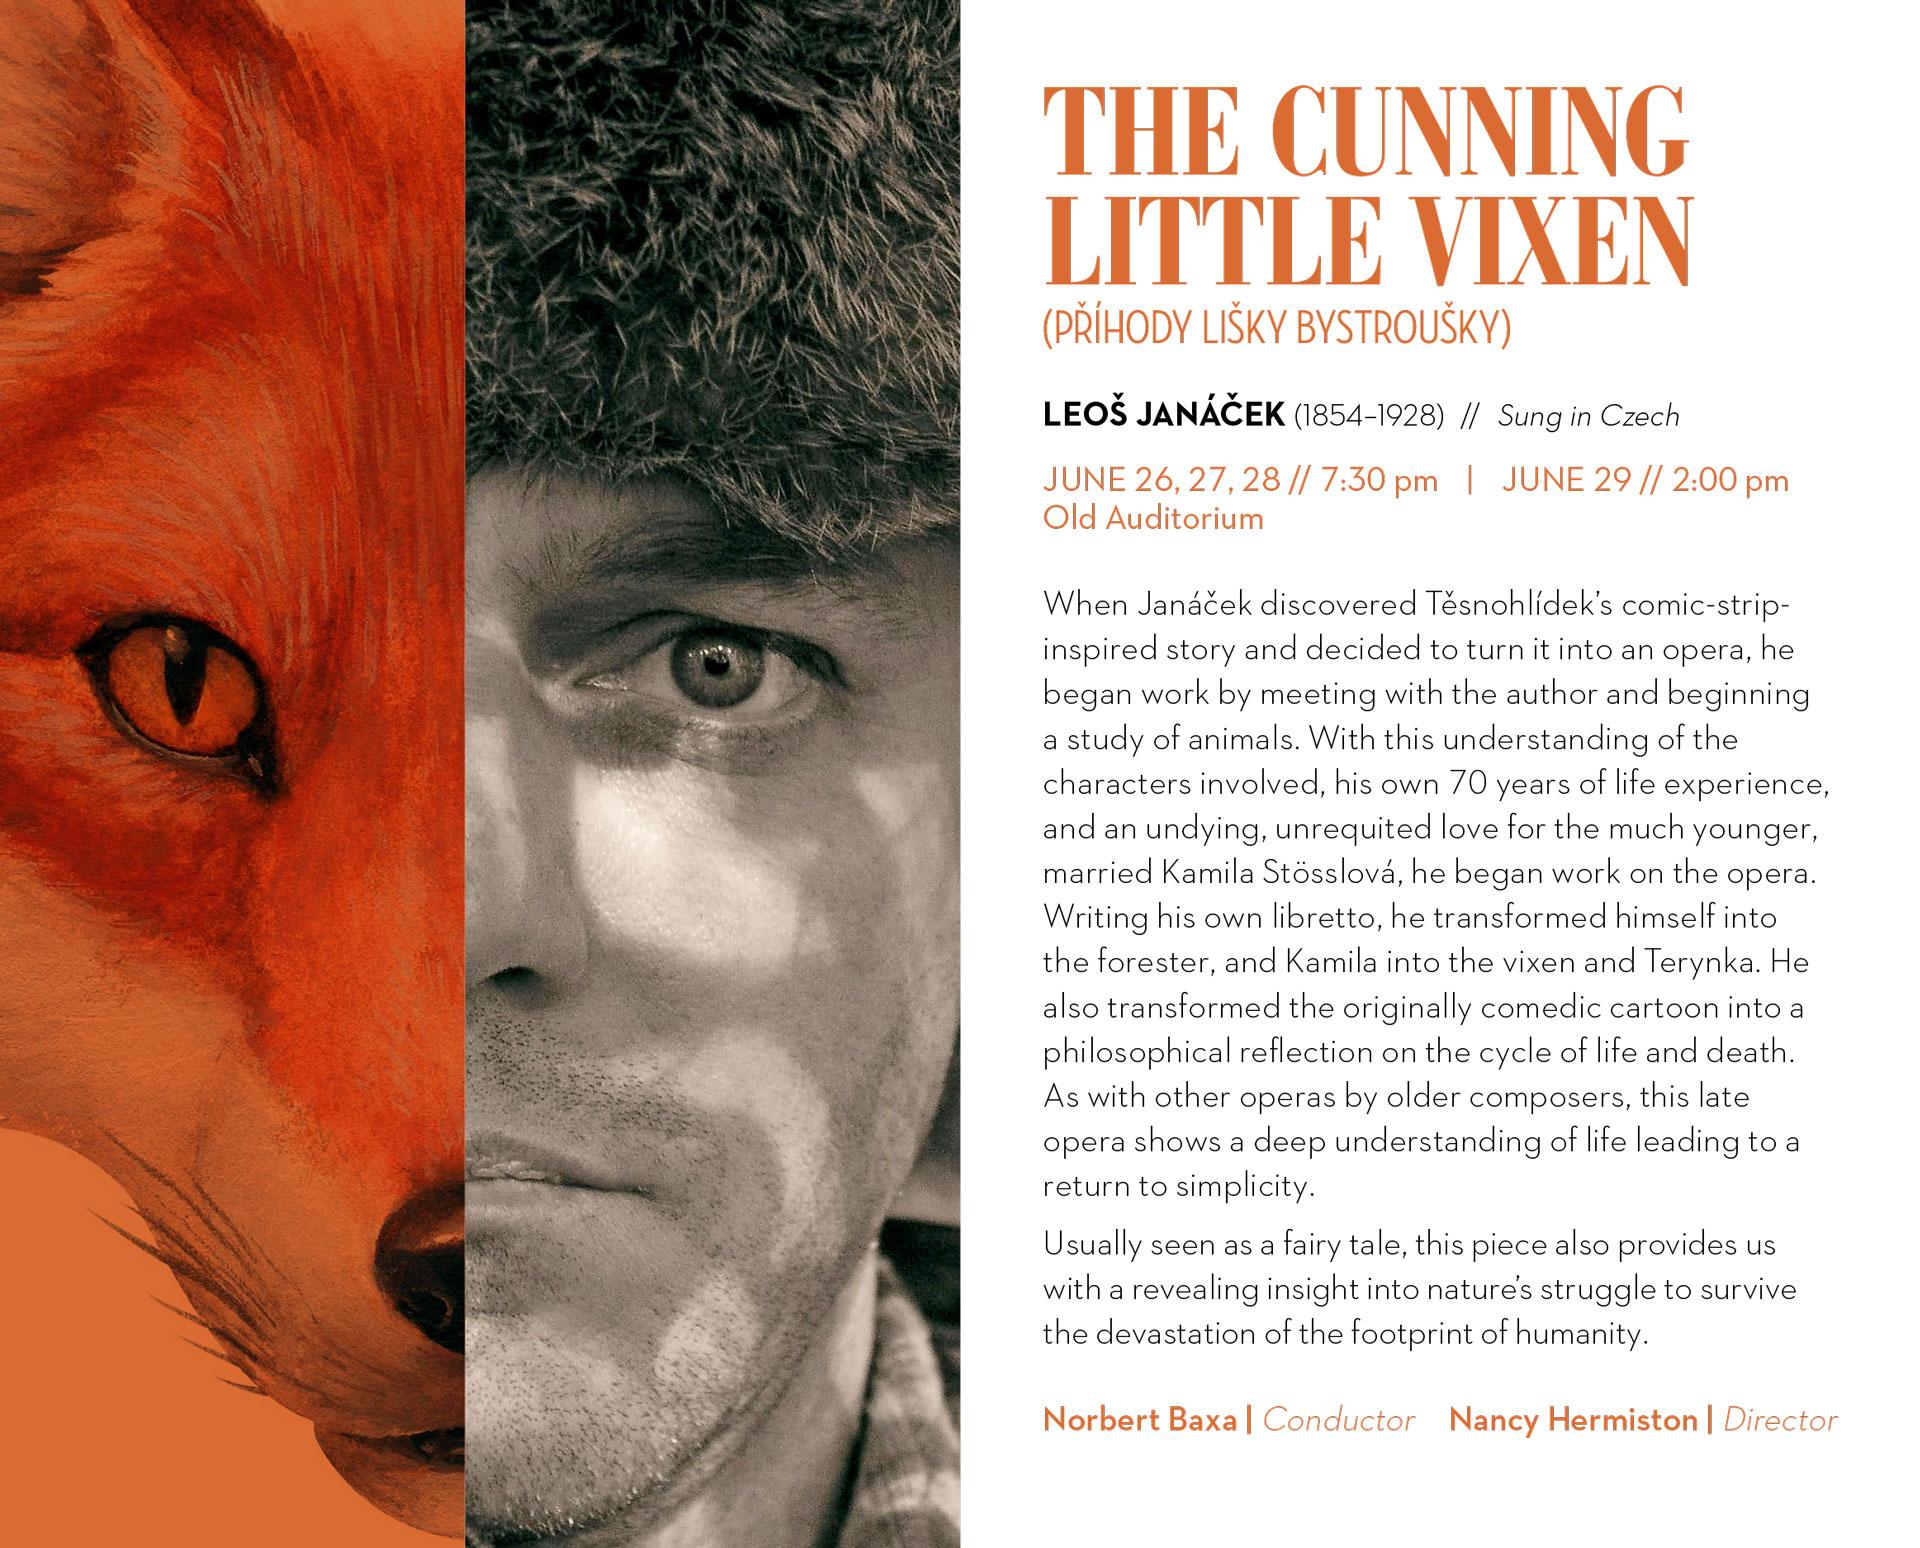 programme spread for Janacek opera The Cunning Little Vixen